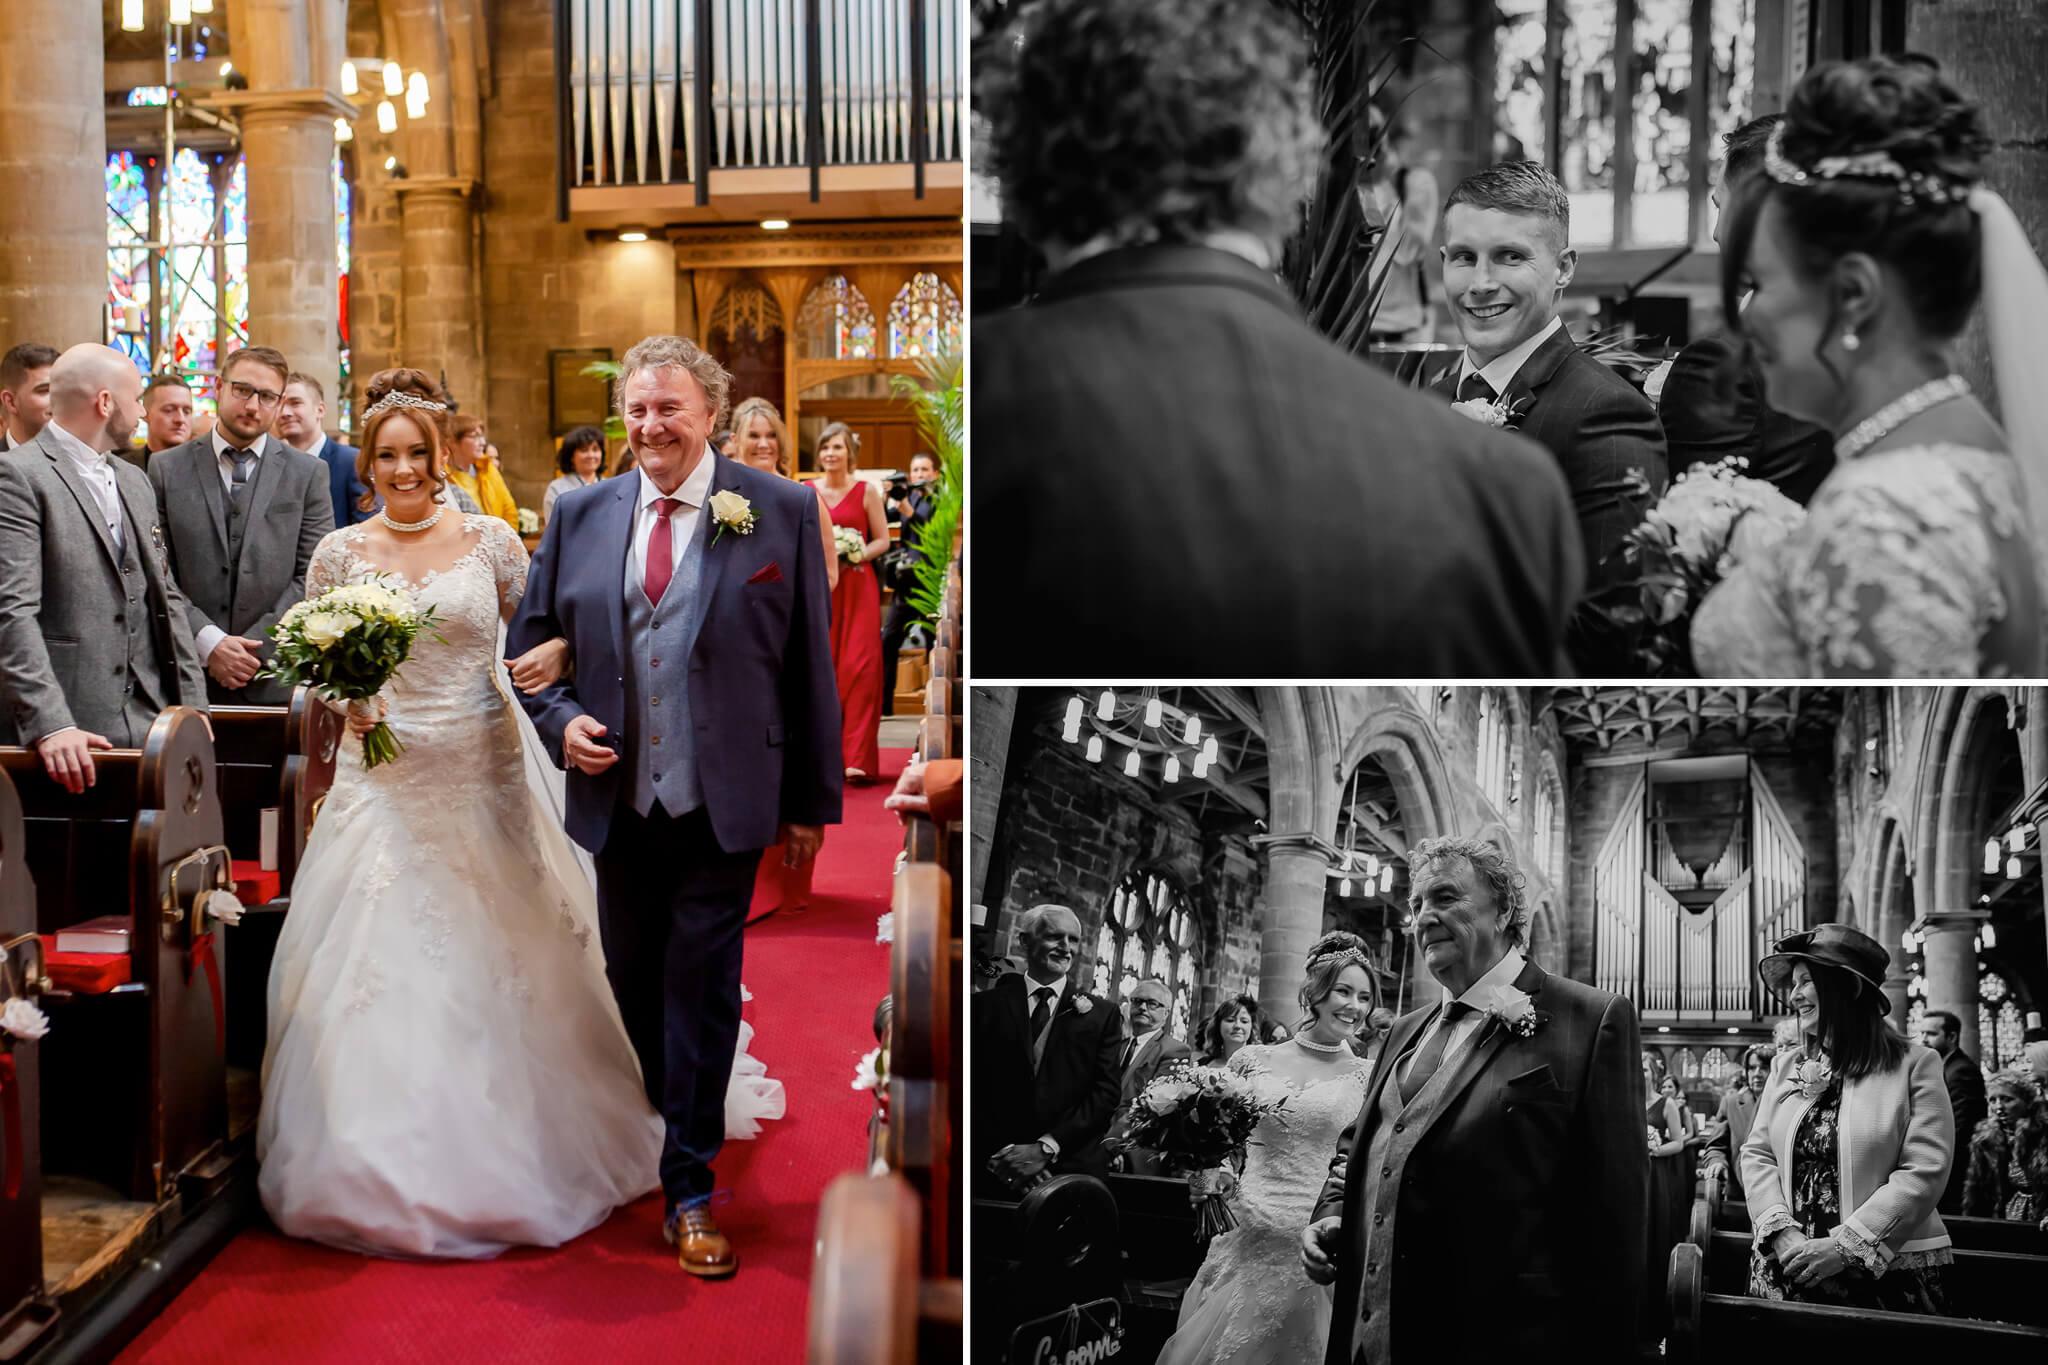 bride-walking-up-aisle-wedding-photography-stanbury-photographers